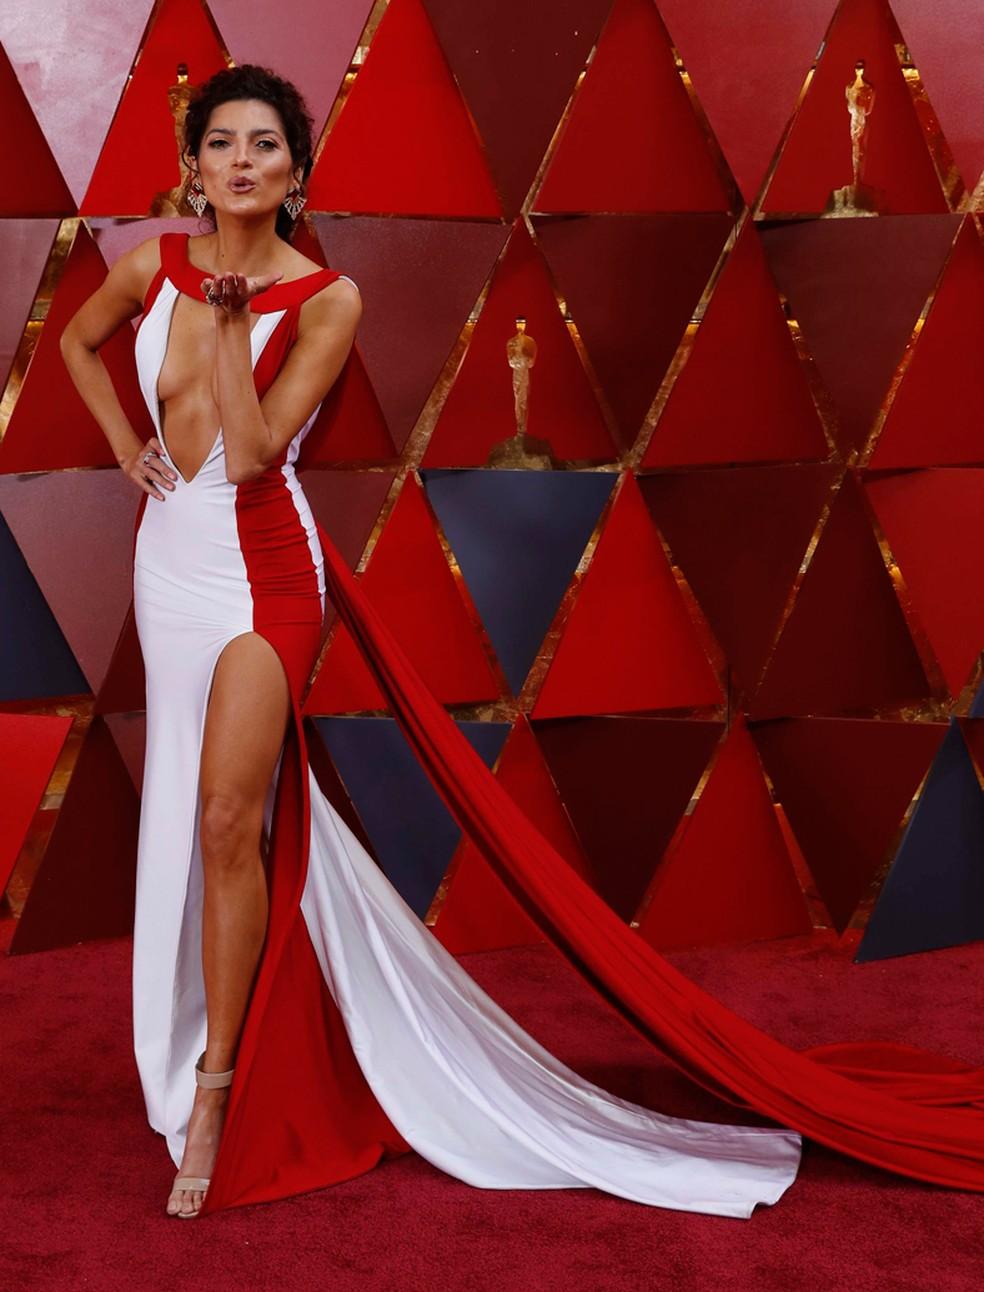 Atriz Blanca Blanco acena para fotógrafos no tapete vermelho do Oscar 2018 (Foto: Carlo Allegri/Reuters)